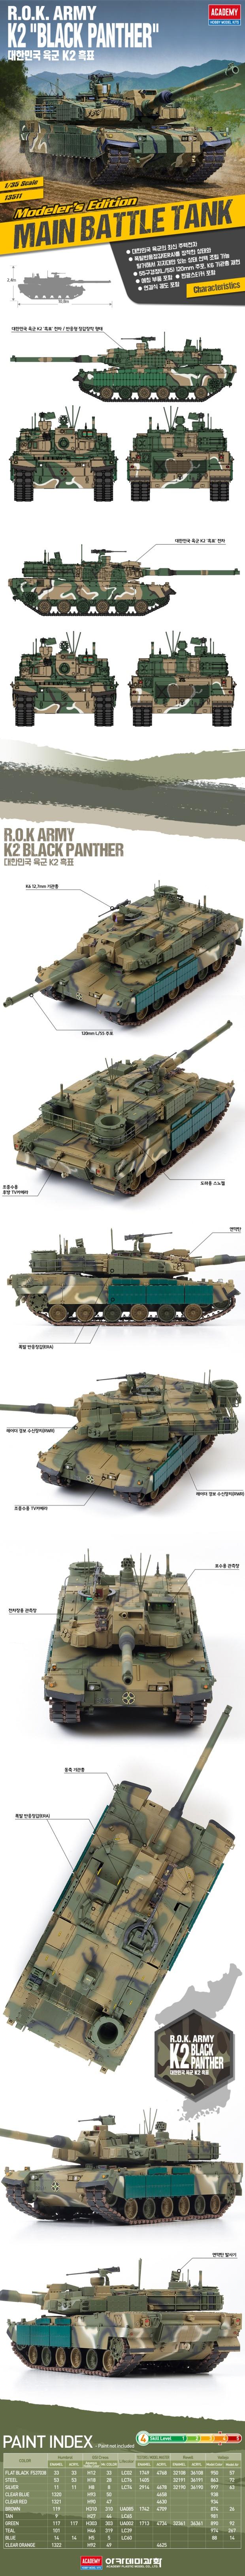 13511_ROK_ARMY_K2_kr